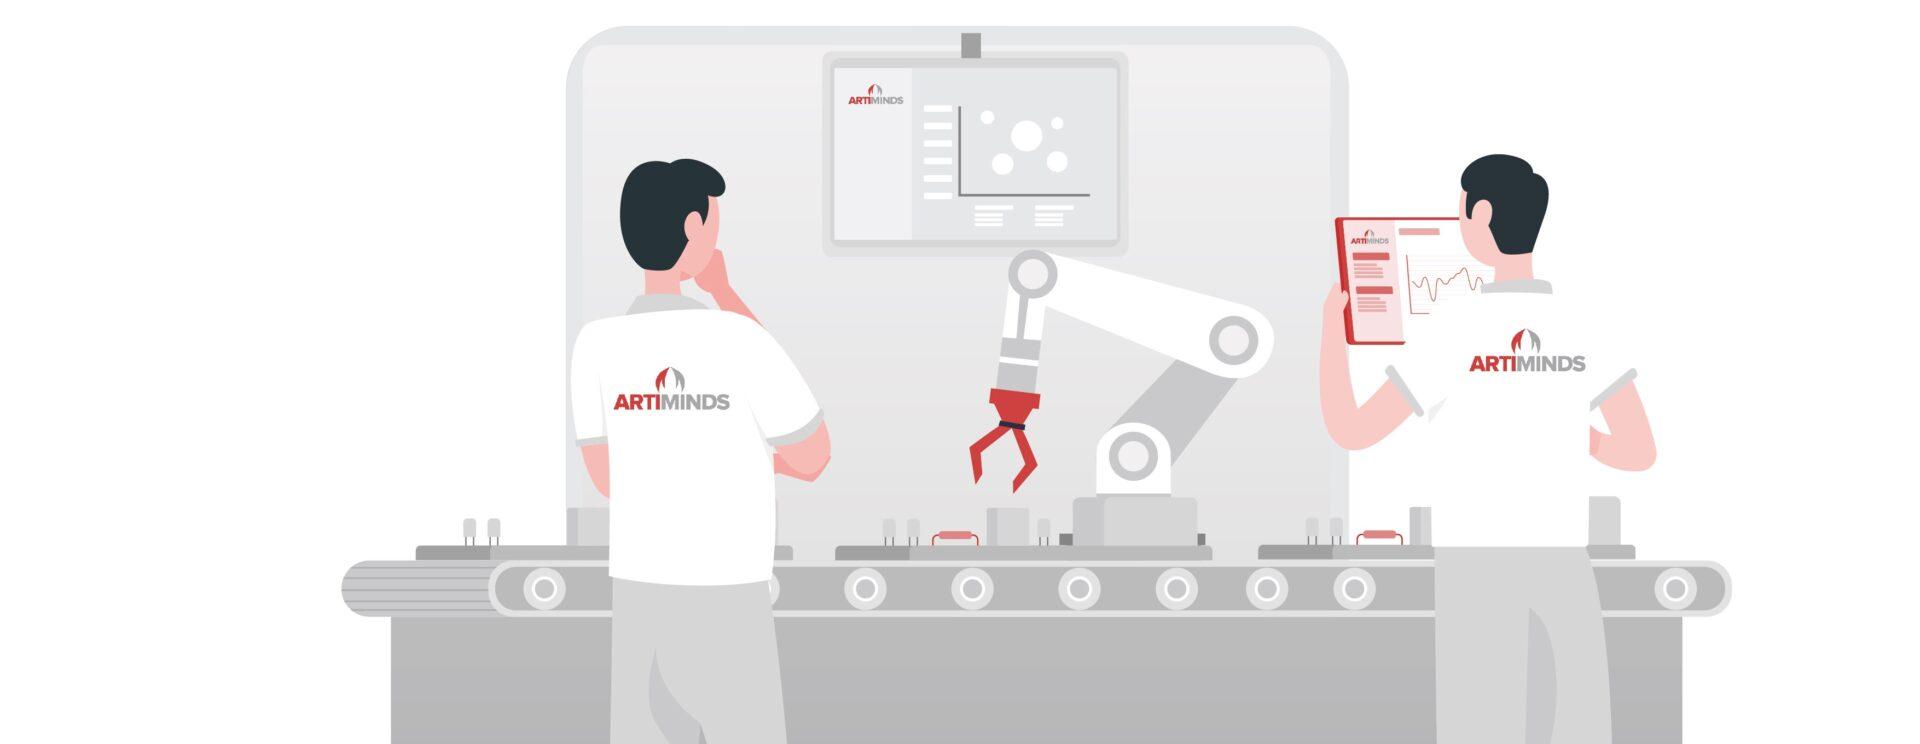 ArtiMinds Robotics- FAQ